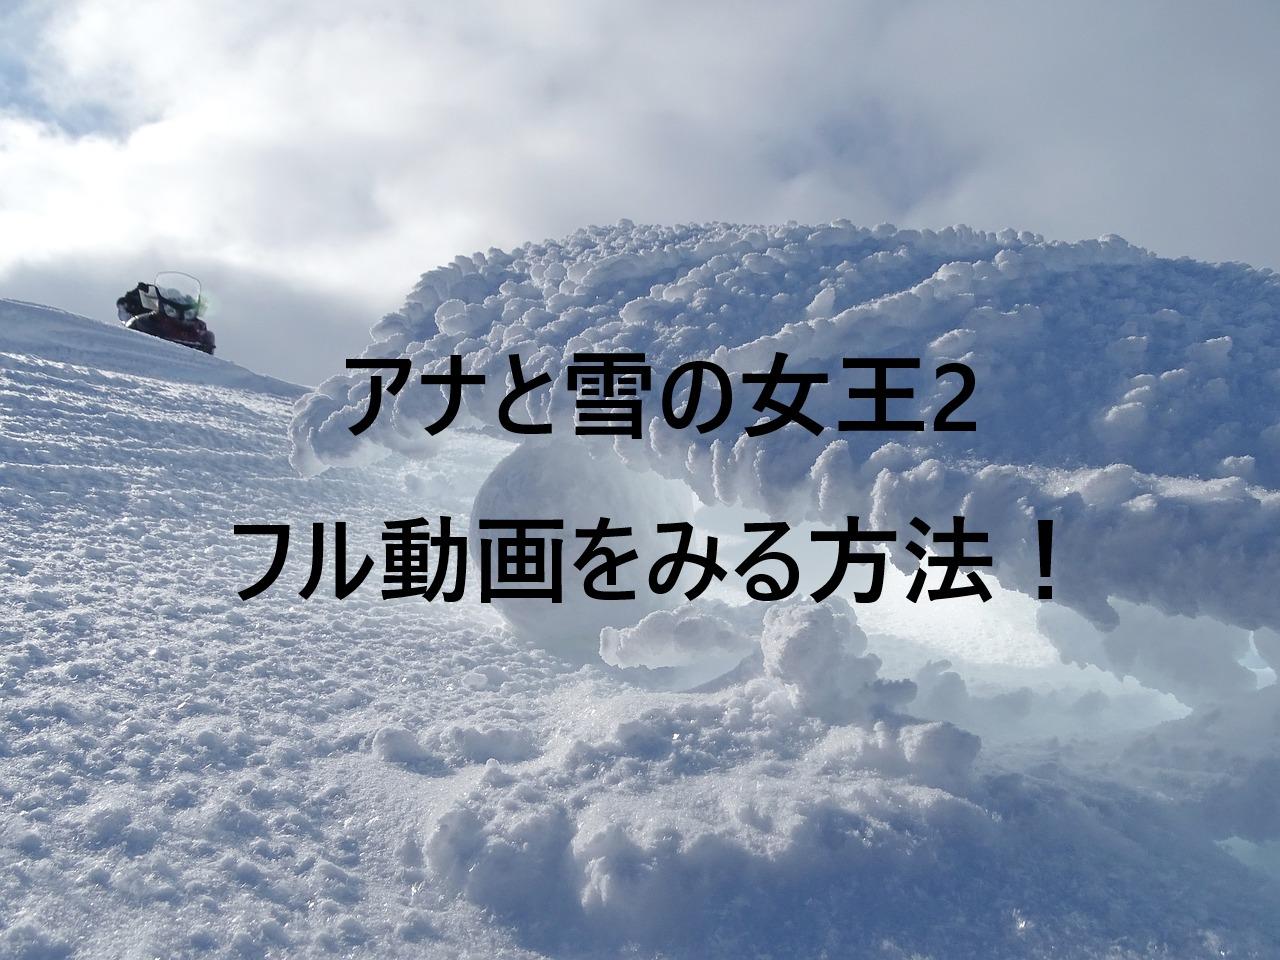 アナと雪の女王 動画 フル